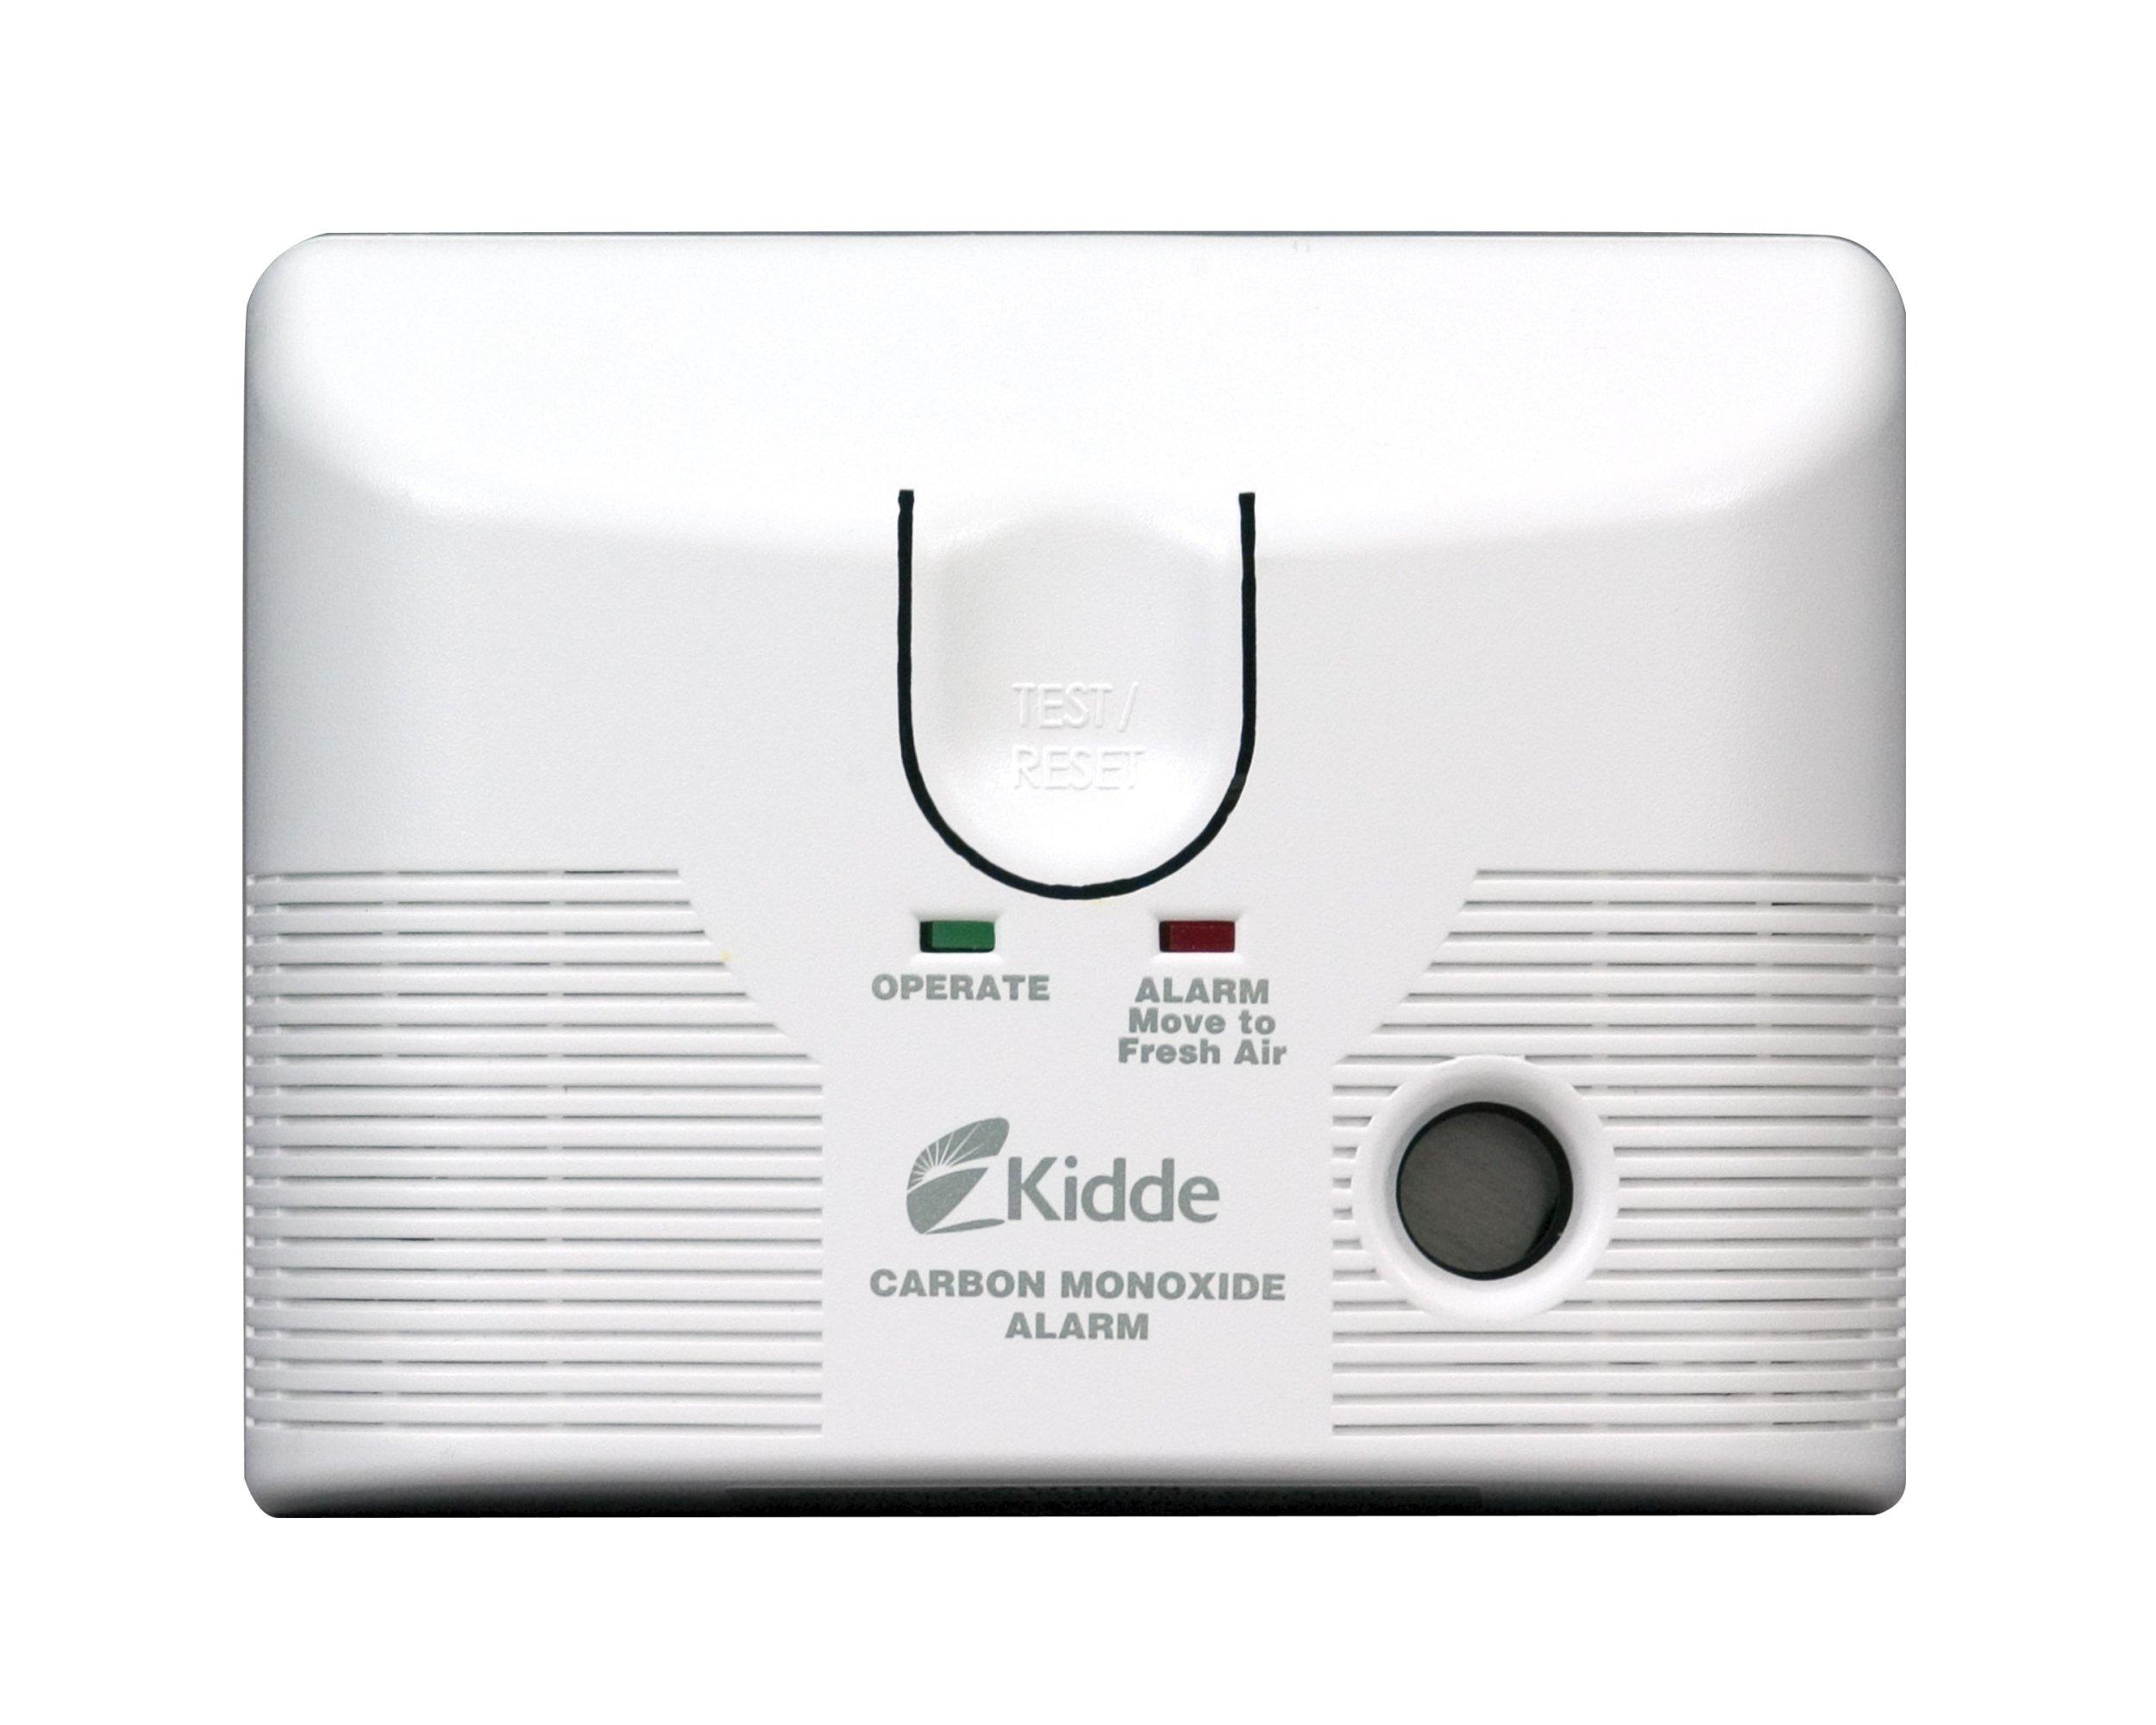 Kidde KN-COB-LCB-A Tamper Resistant Plug-In Carbon Monoxide Alarm with Battery Backup